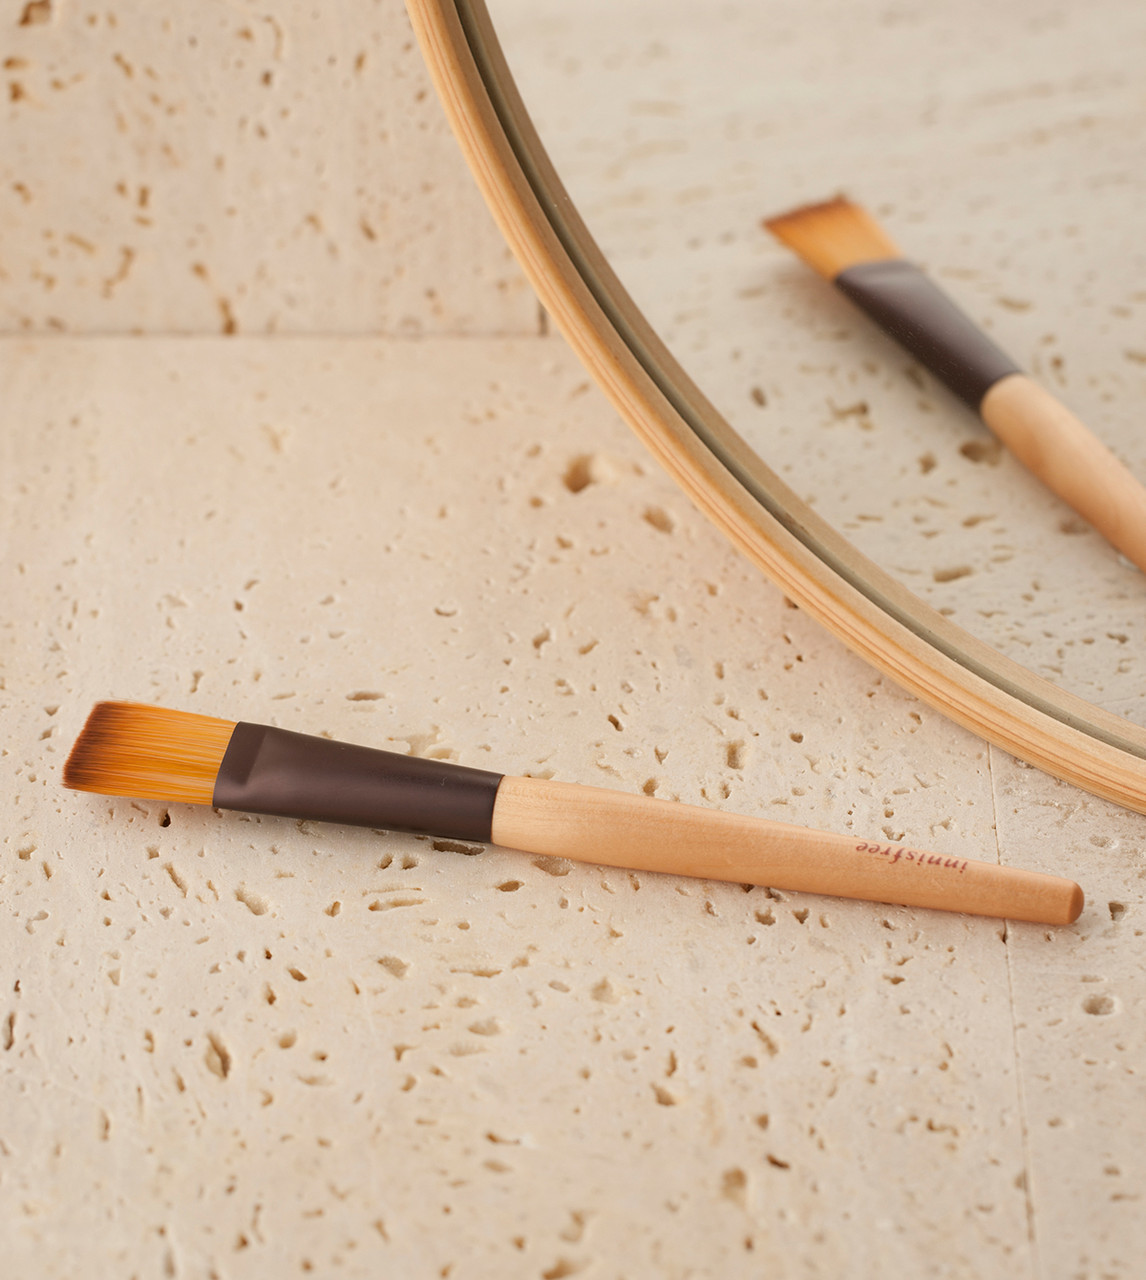 Innisfree pack brush Кисть для нанесения масок